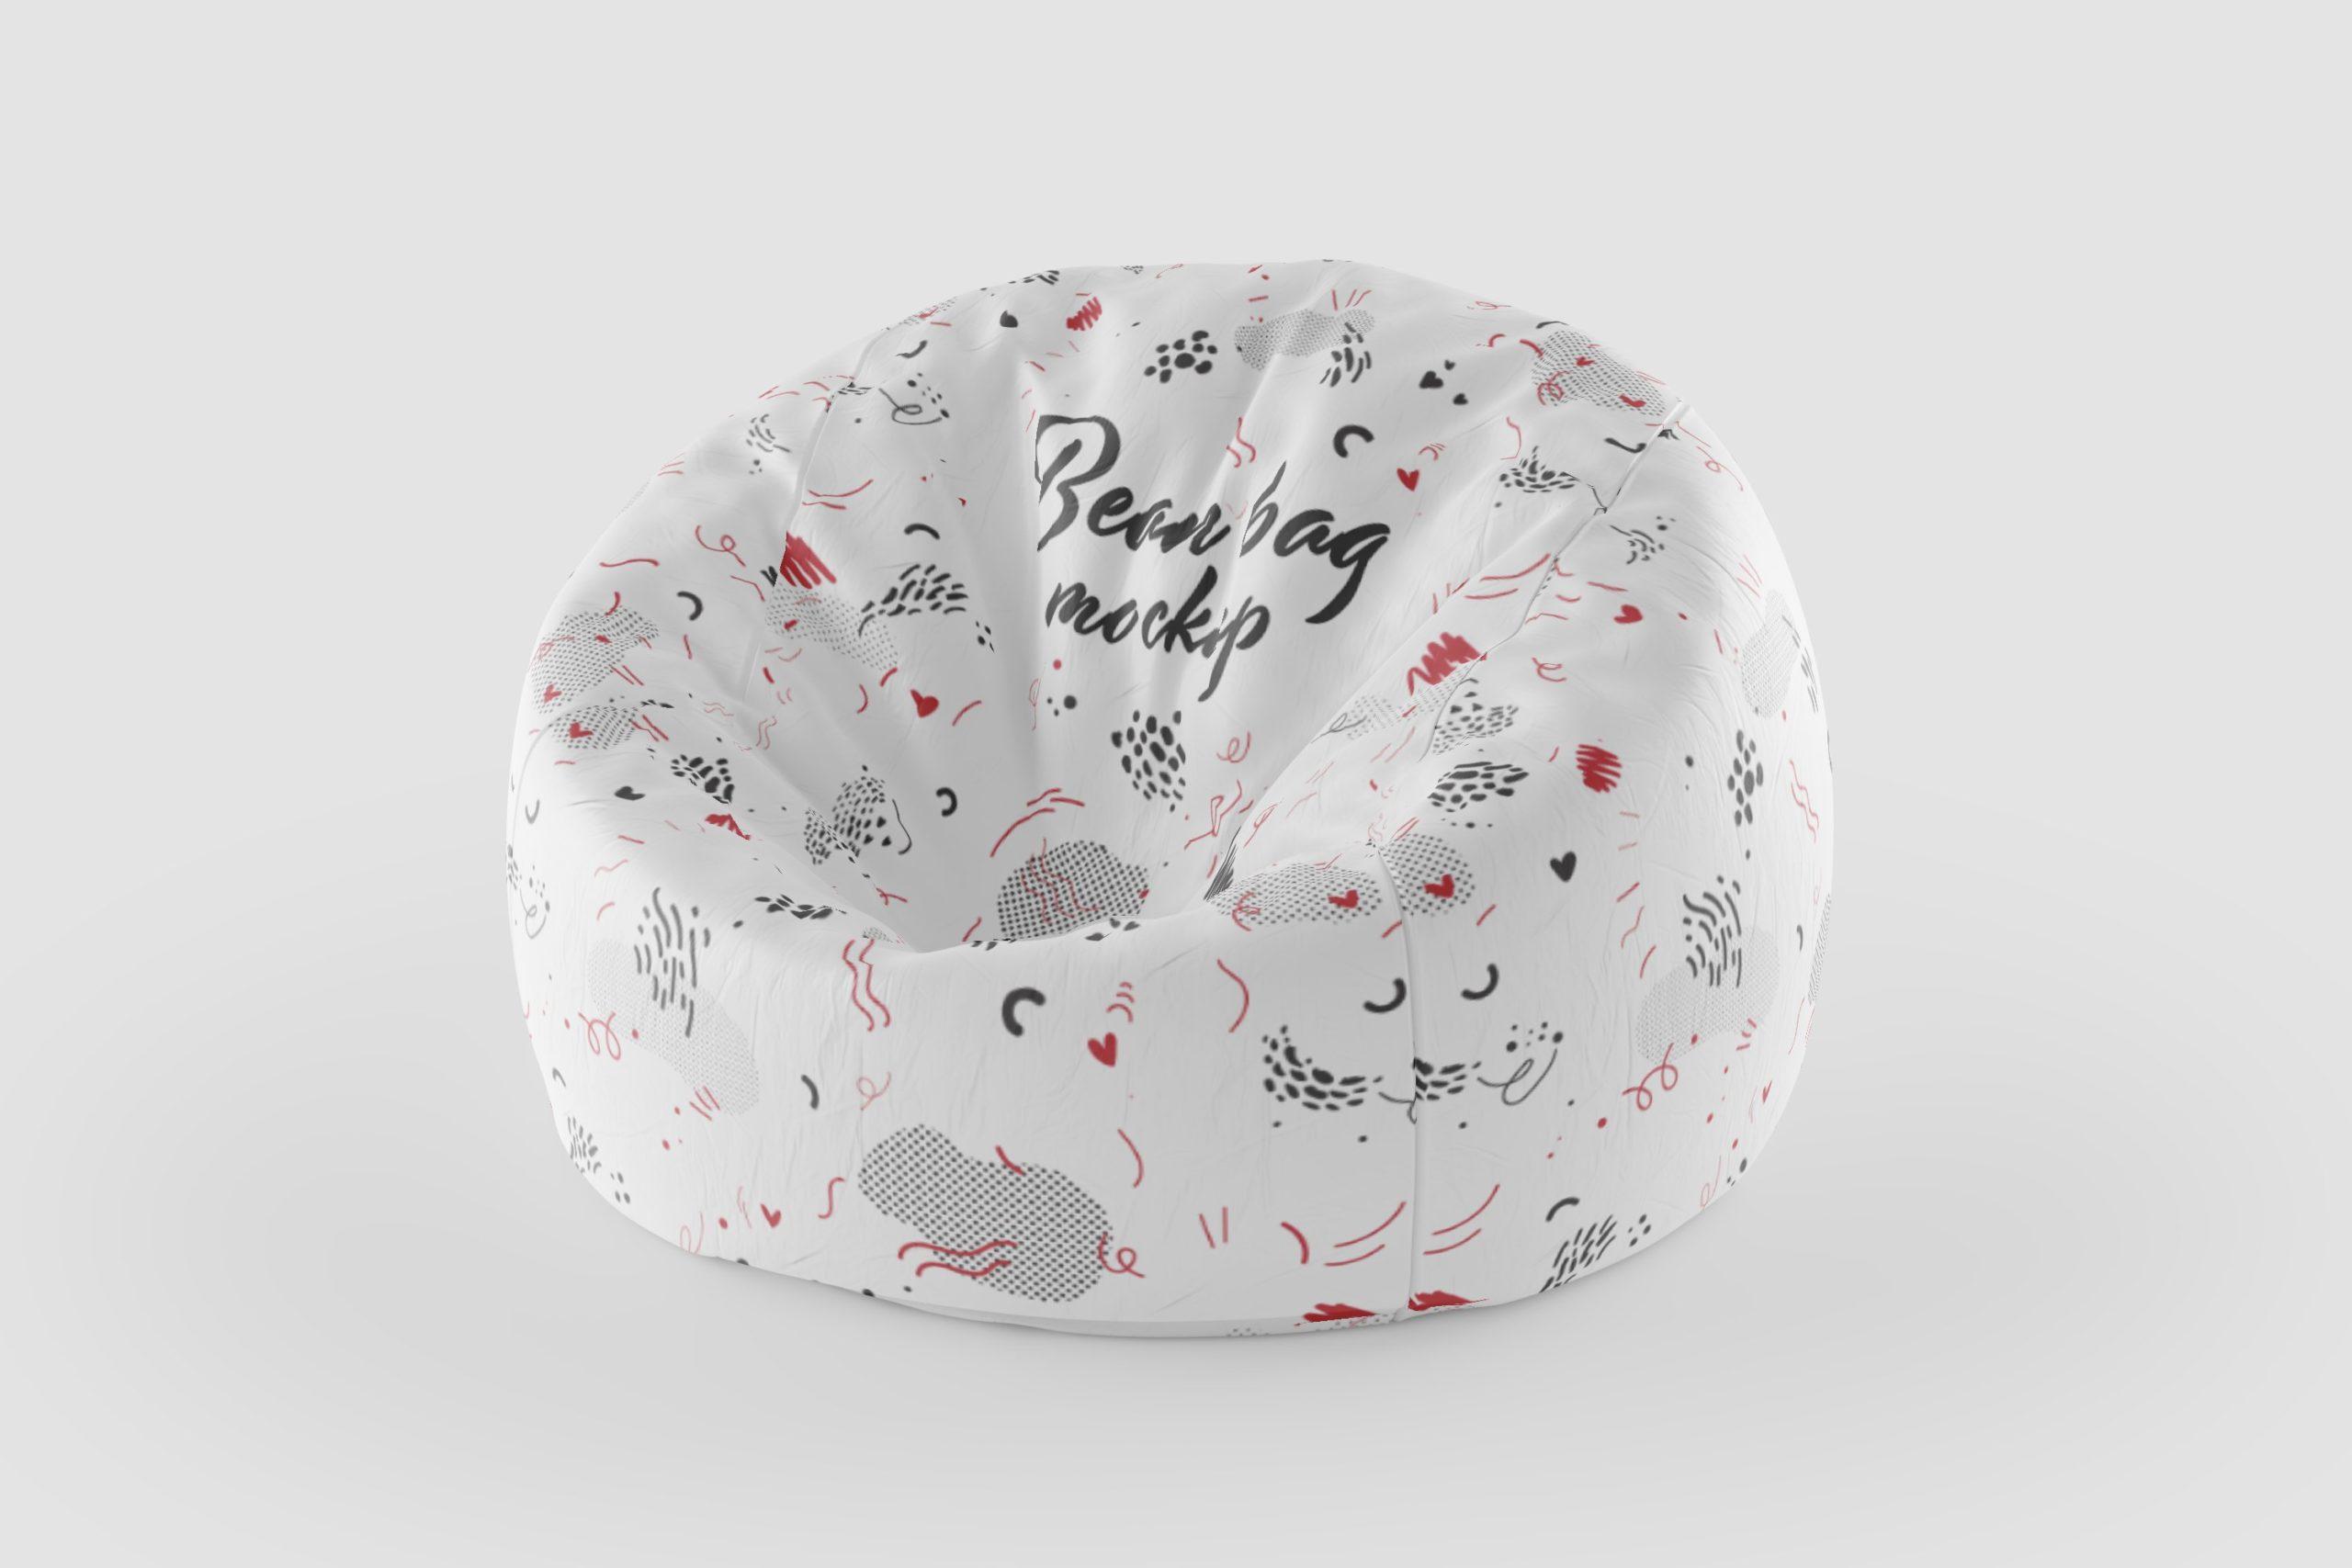 8款豆袋沙发椅子布料印花图案设计展示3D模型样机 Bean Bag 3D Mockup插图5